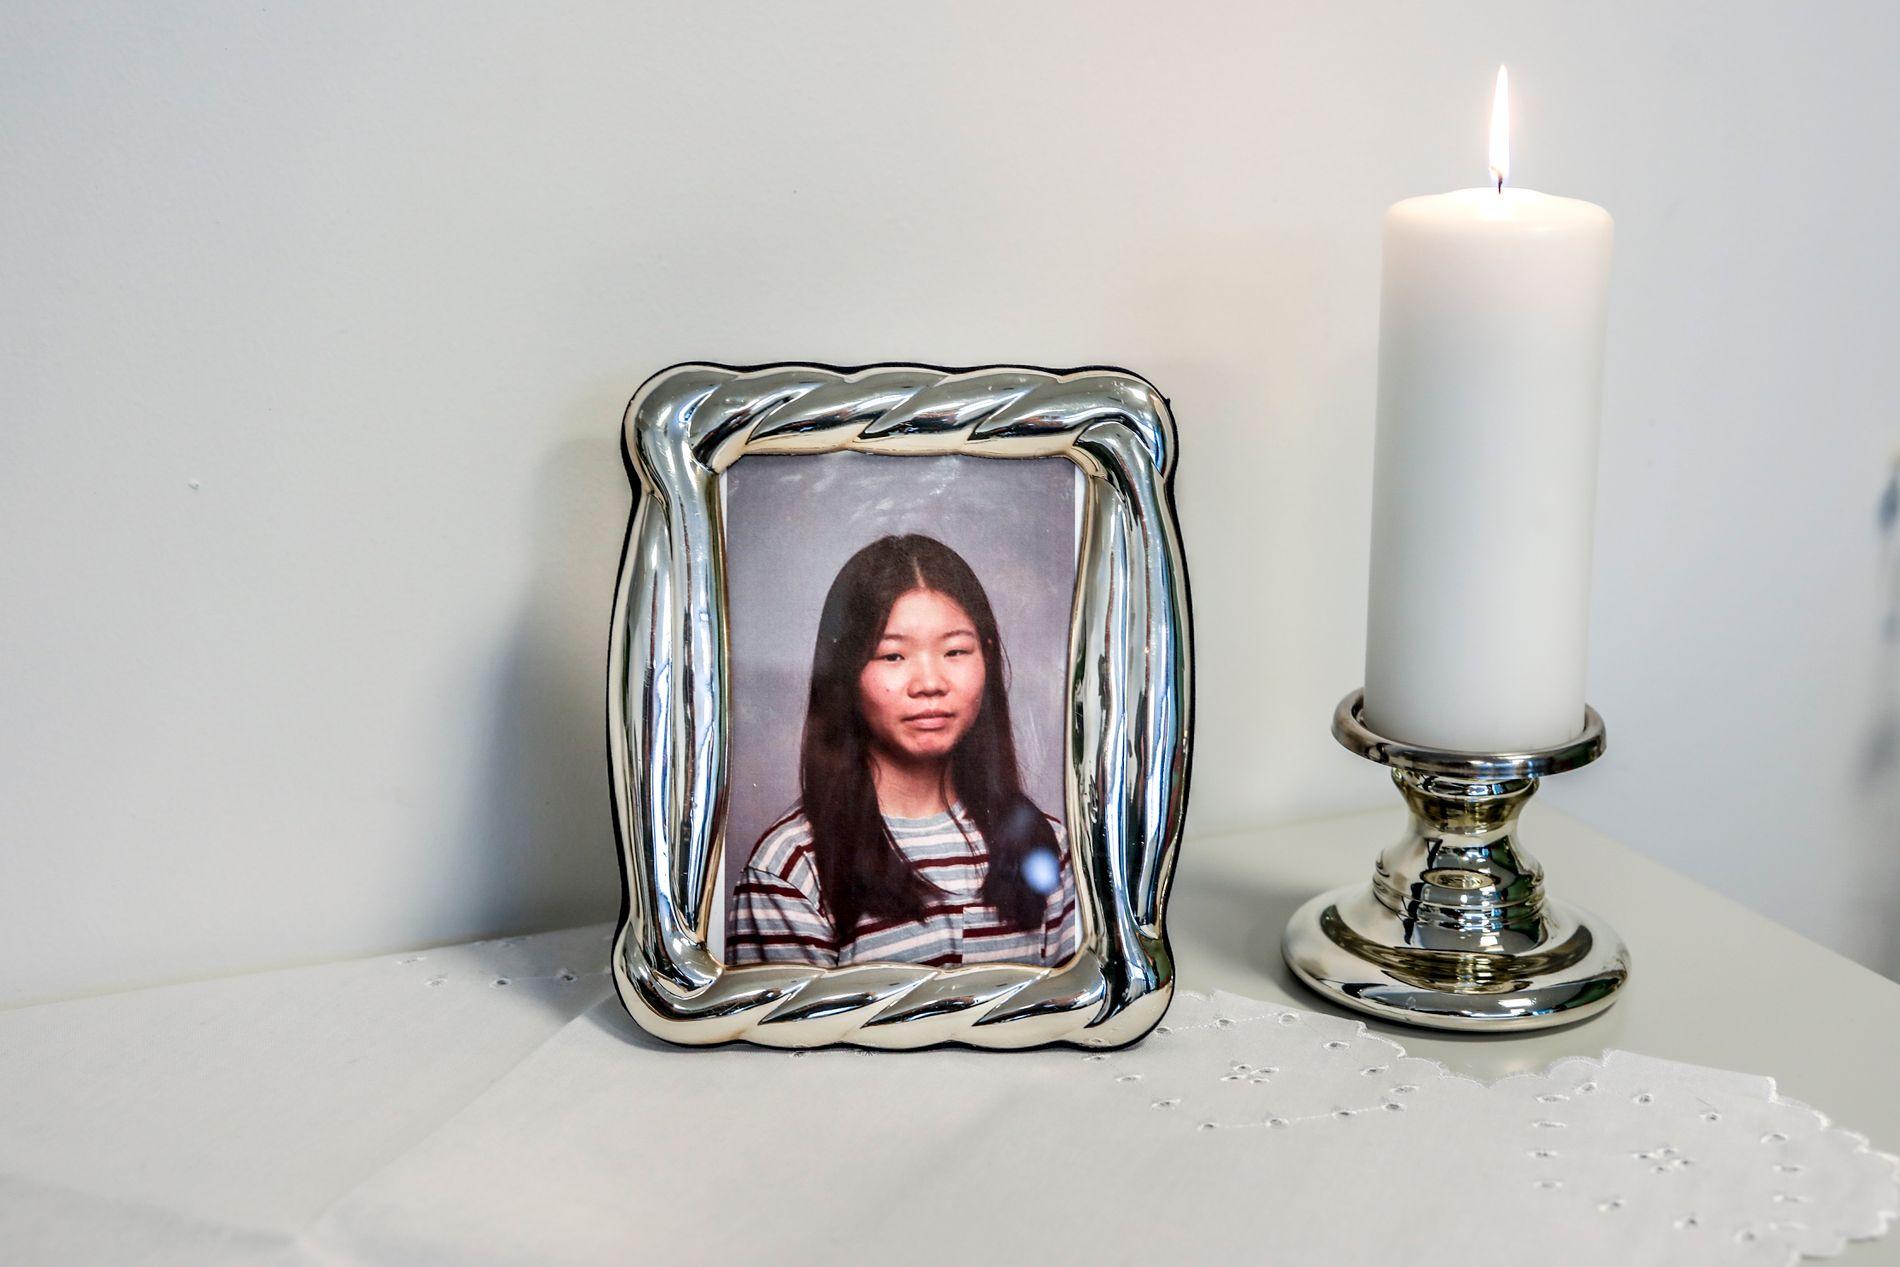 MINNES: Sandvika videregående skole holder åpent tirsdag for å minnes Johanne Zhangjia Ihle-Hansen som ble skutt og drept lørdag.